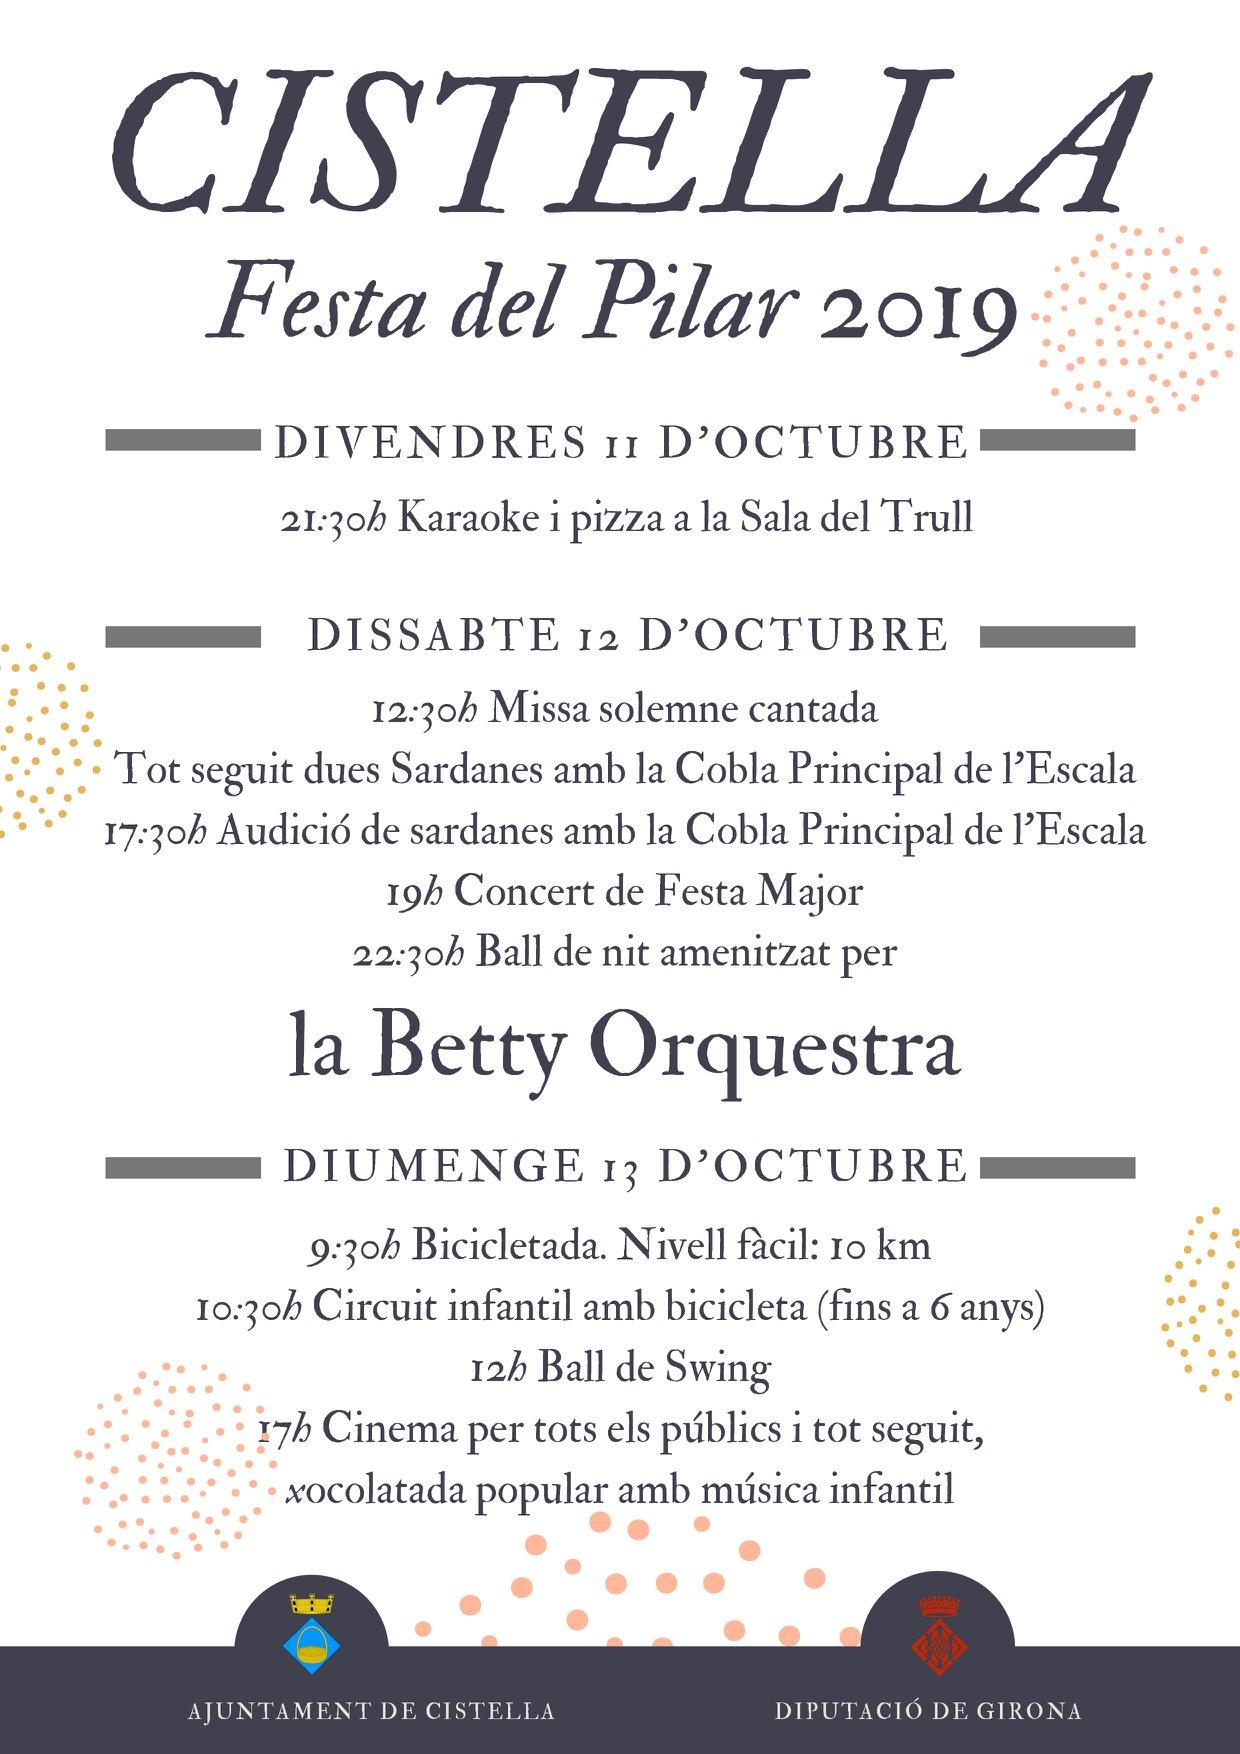 Festa del Pilar de Cistella 2019